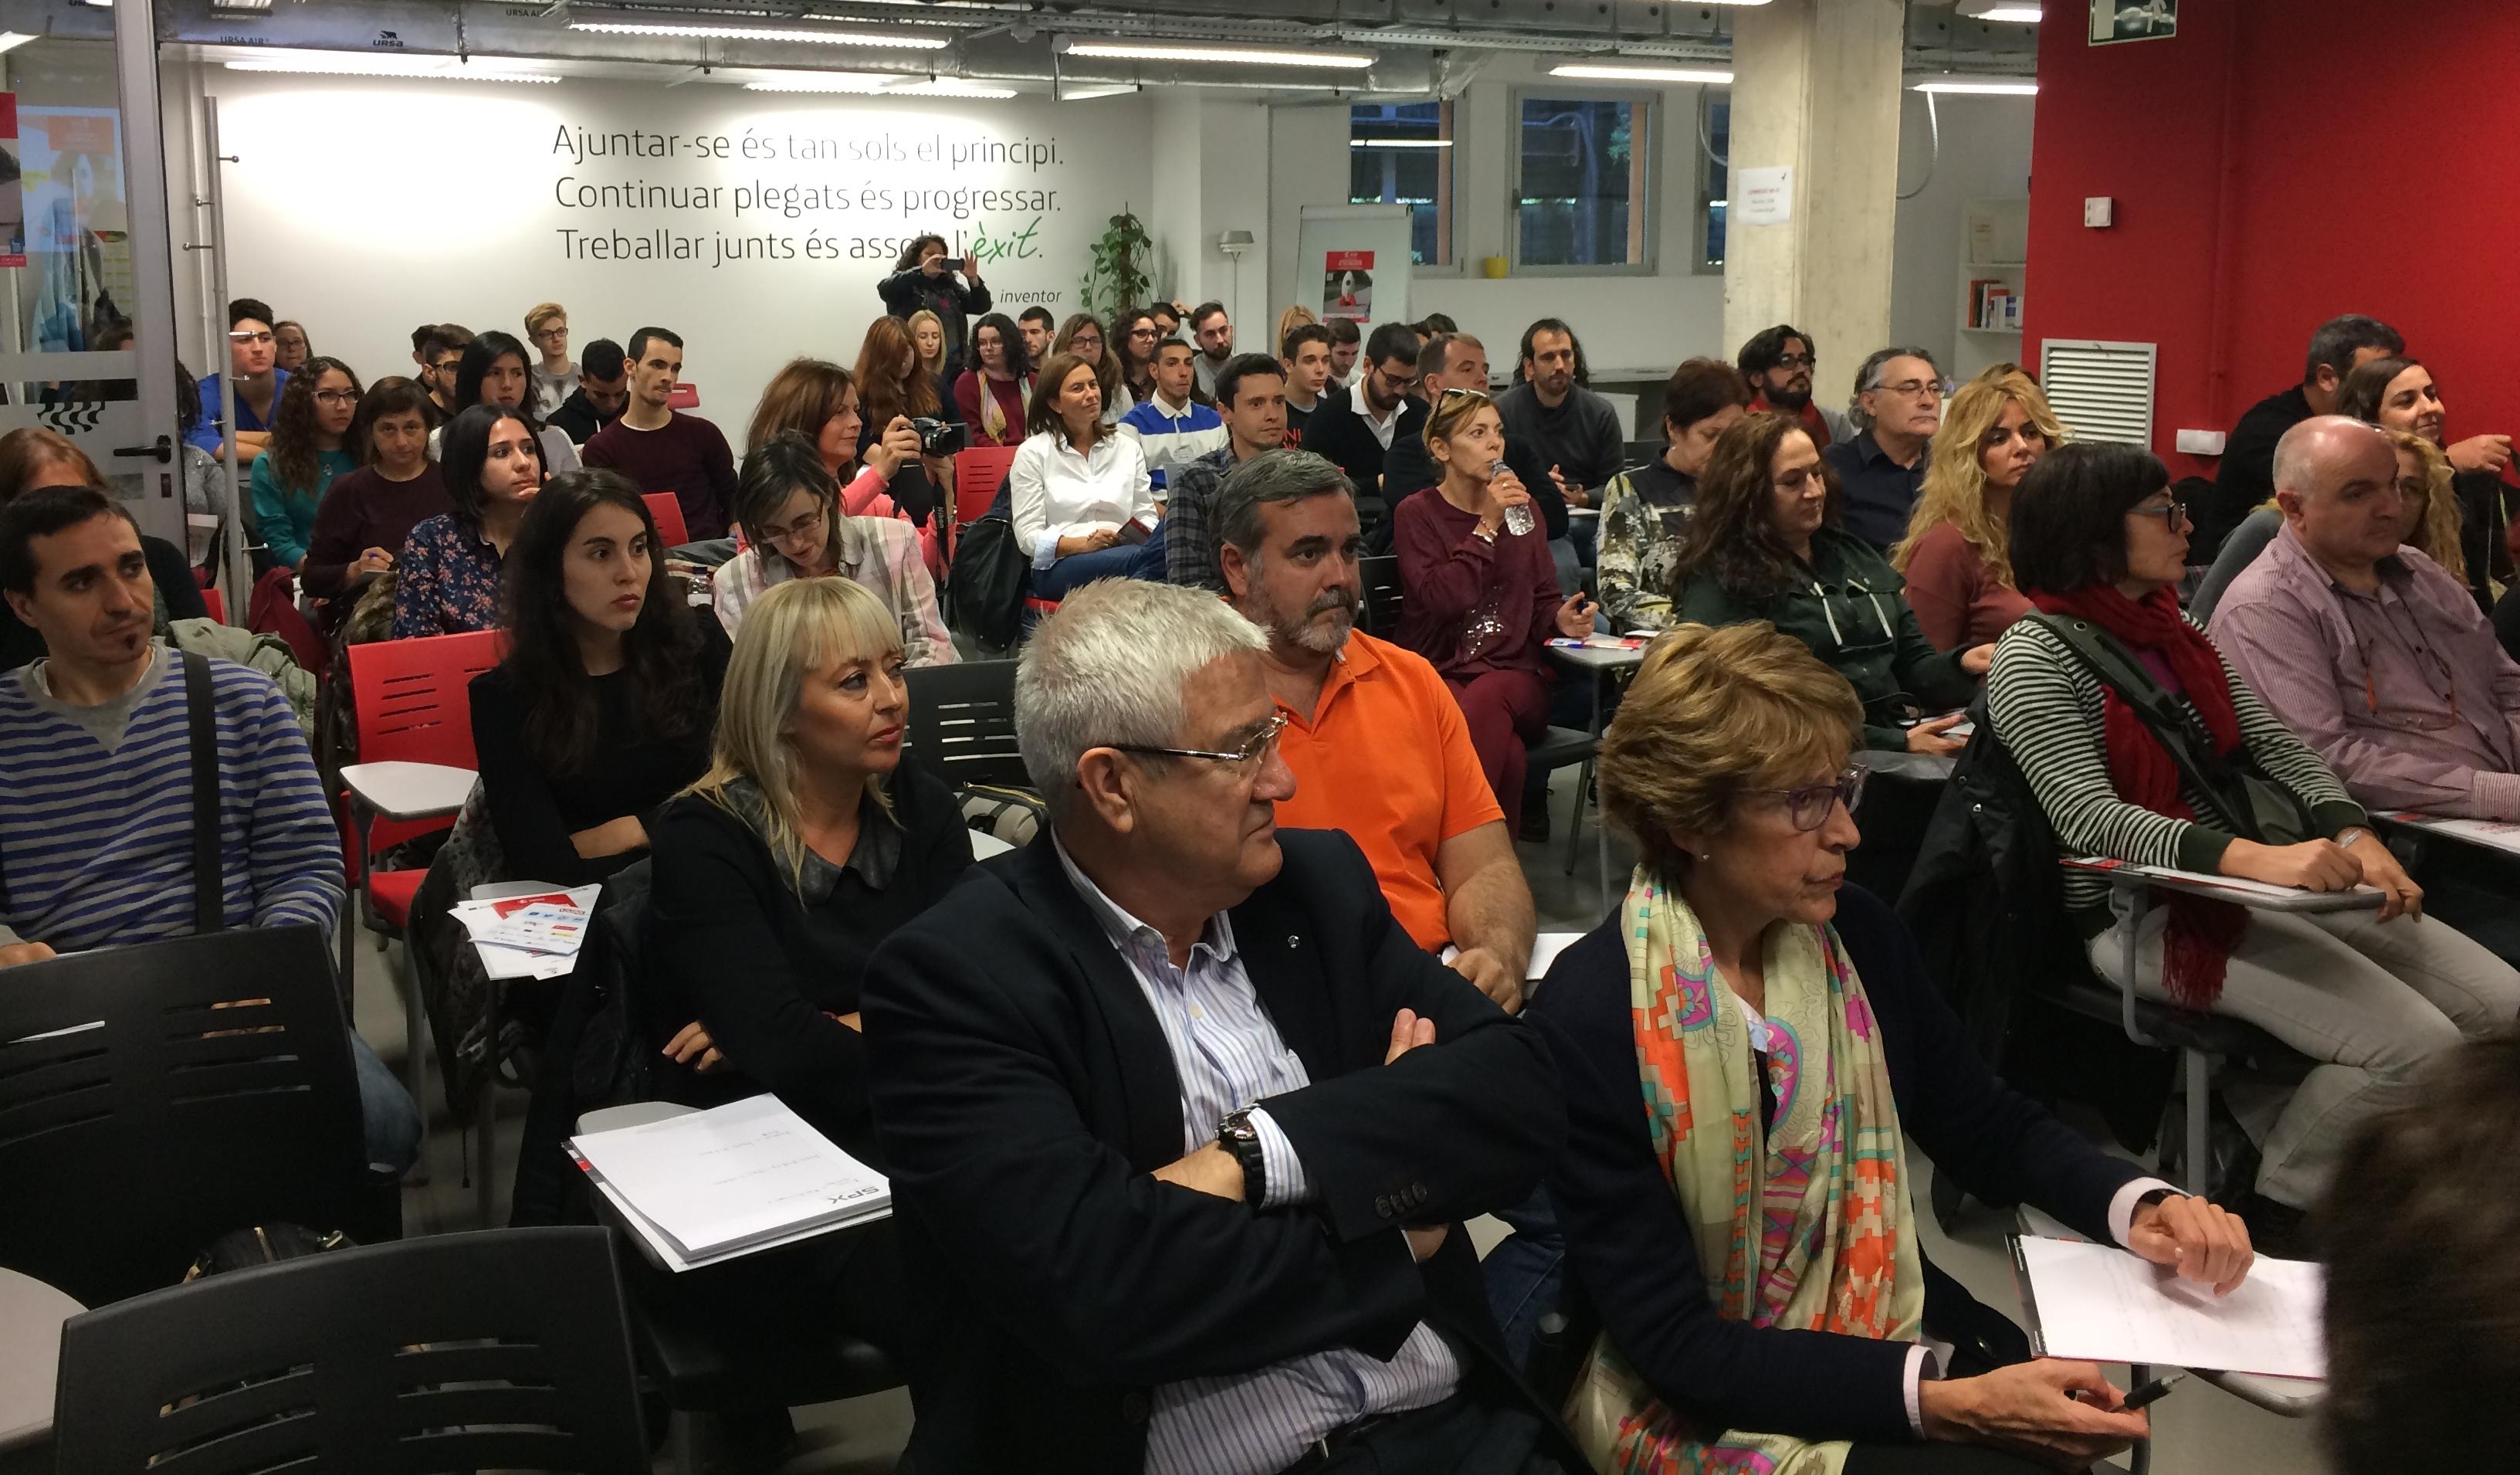 El públic va escoltar, atent, les explicacions de les ponents. (Foto: Gerard Recasens)